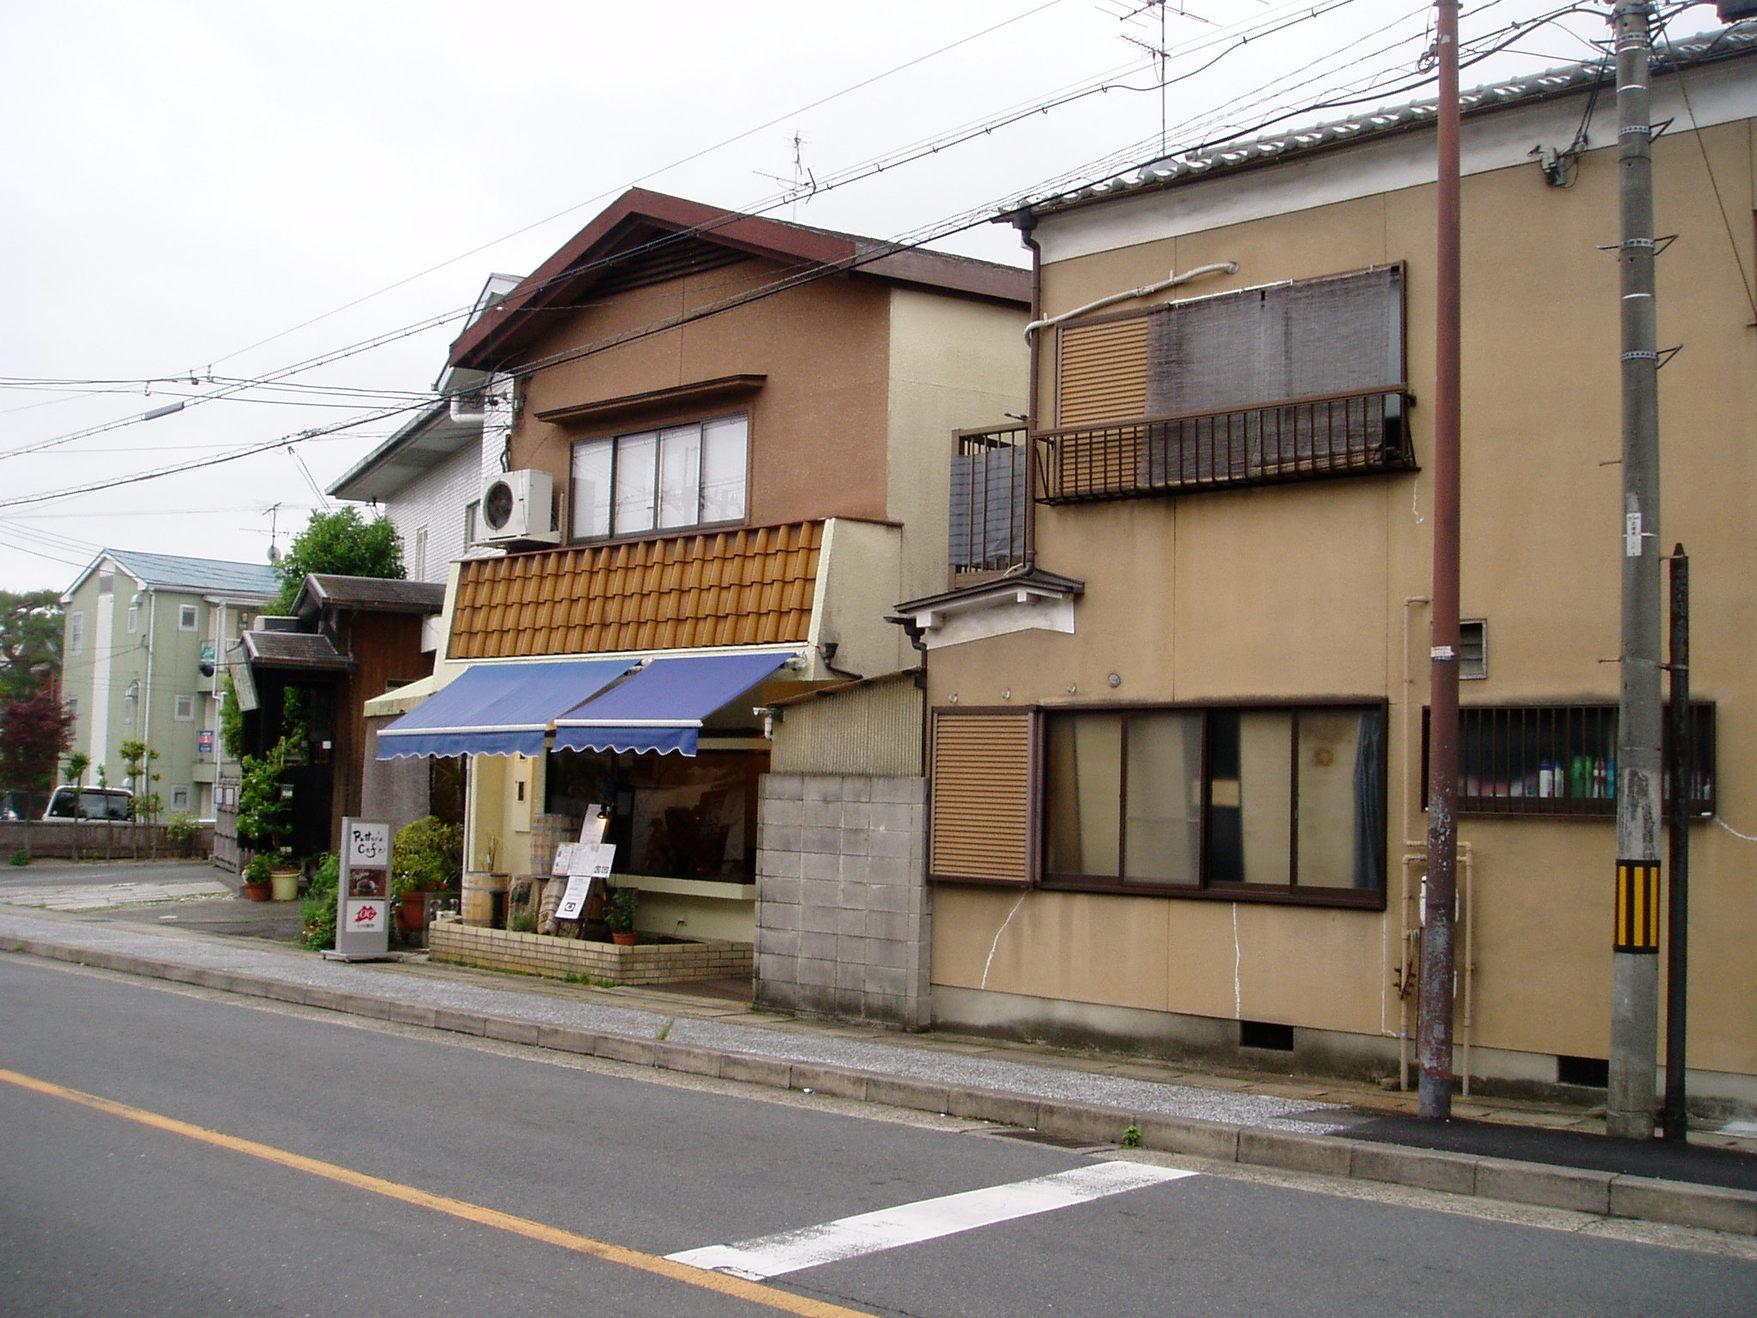 嵐山ポッターズ カフェ